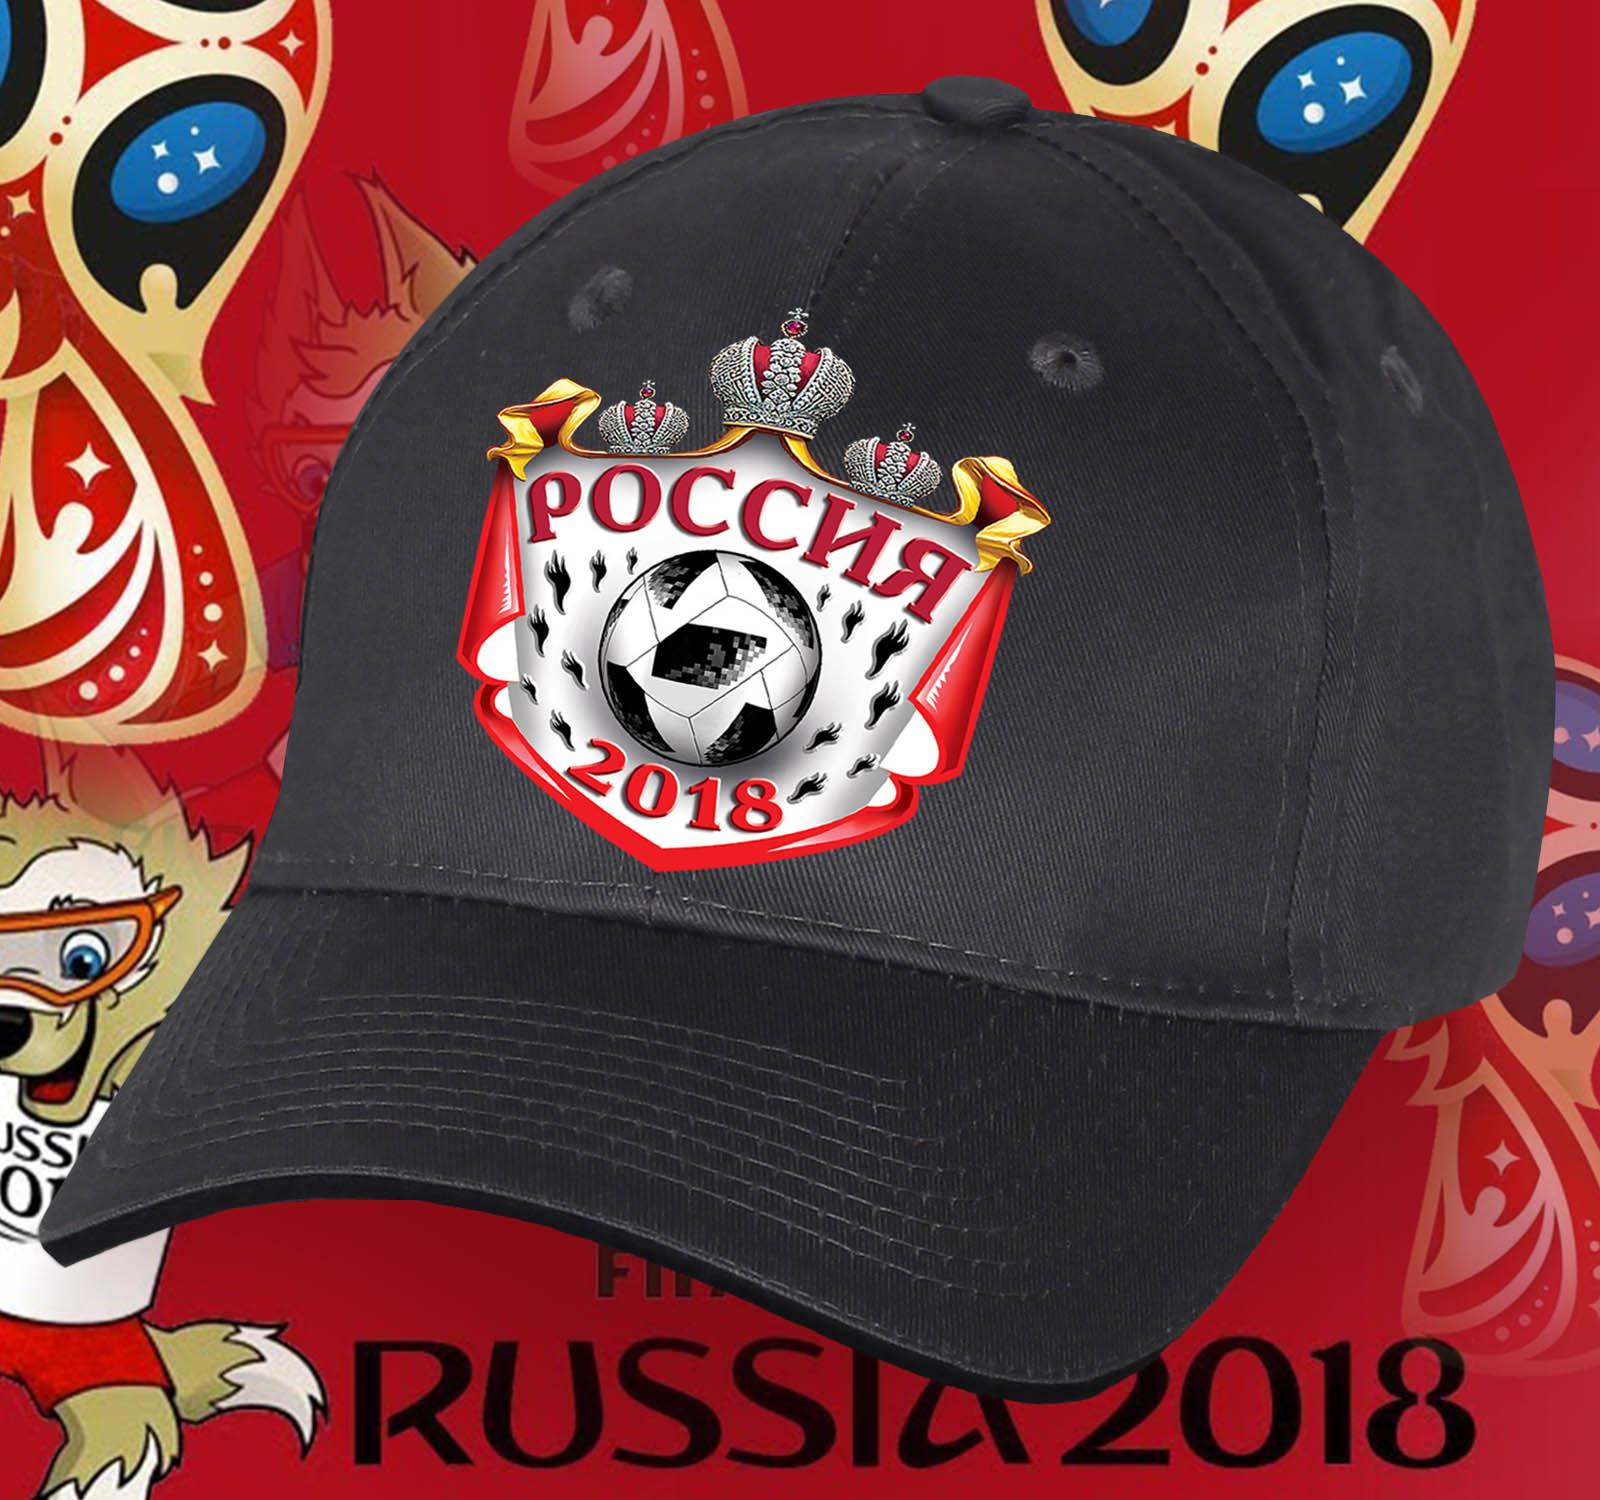 Эффектная бейсболка Россия